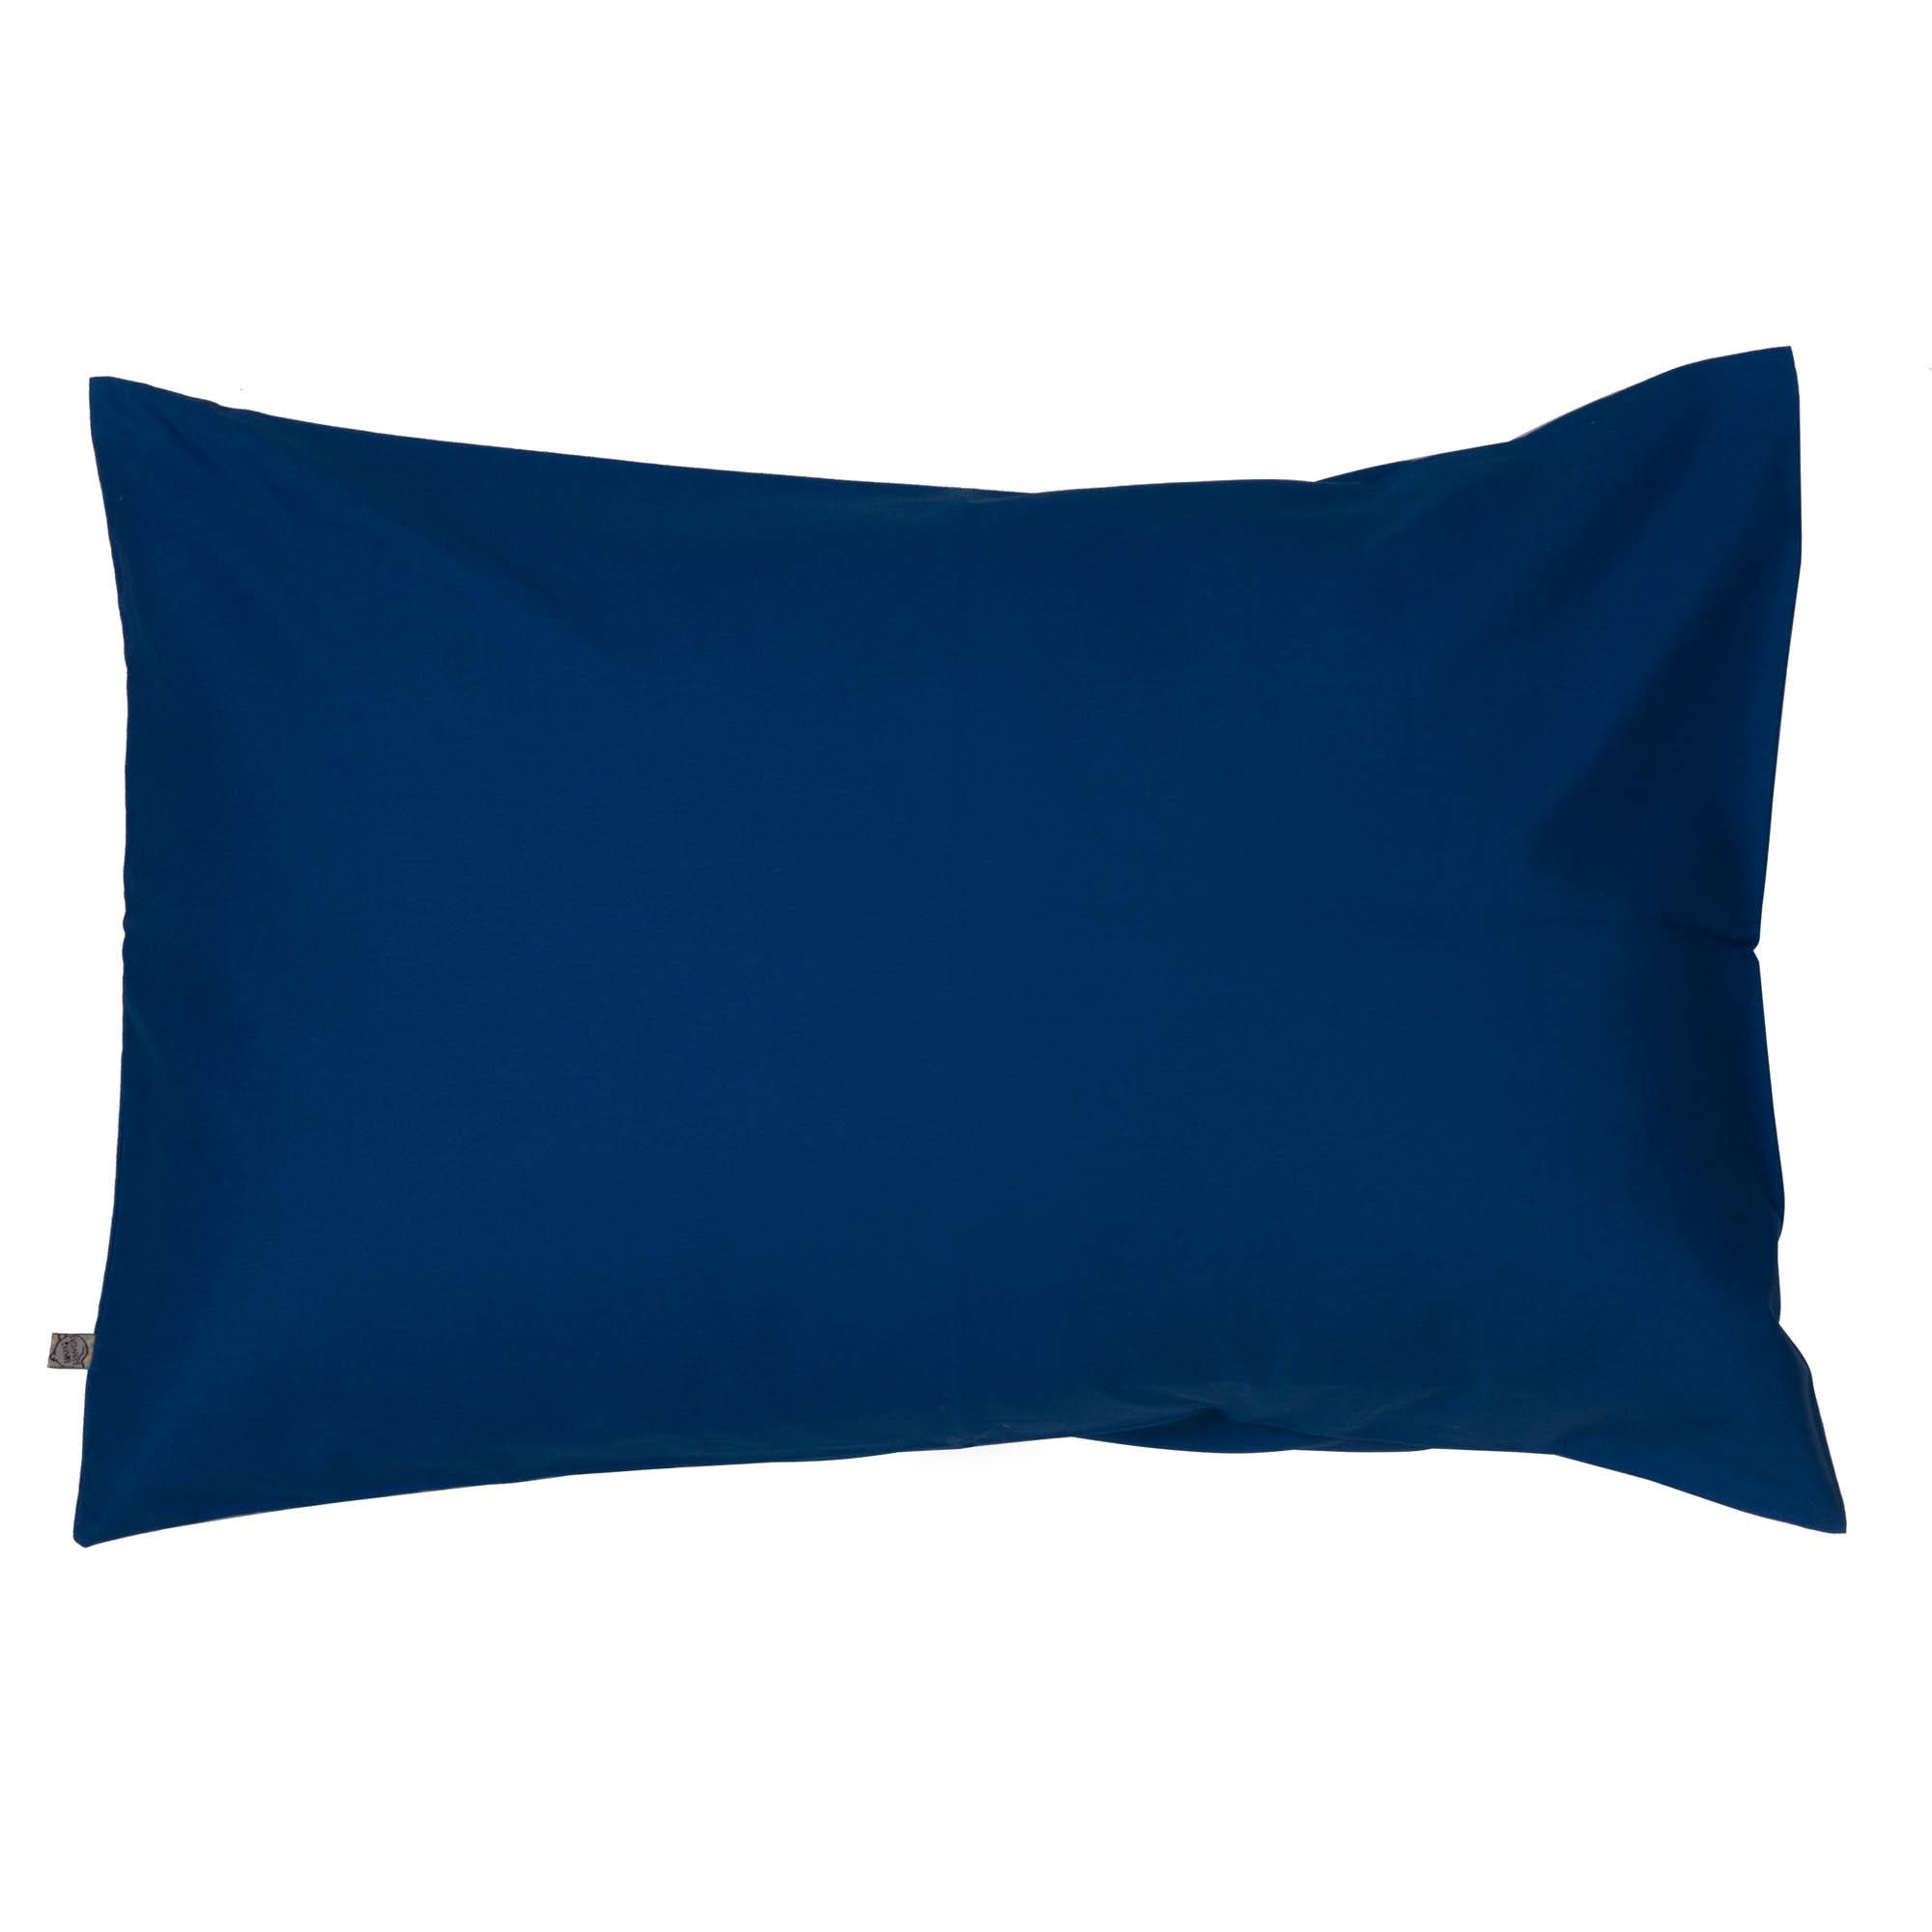 Porta travesseiro liso azul clássico